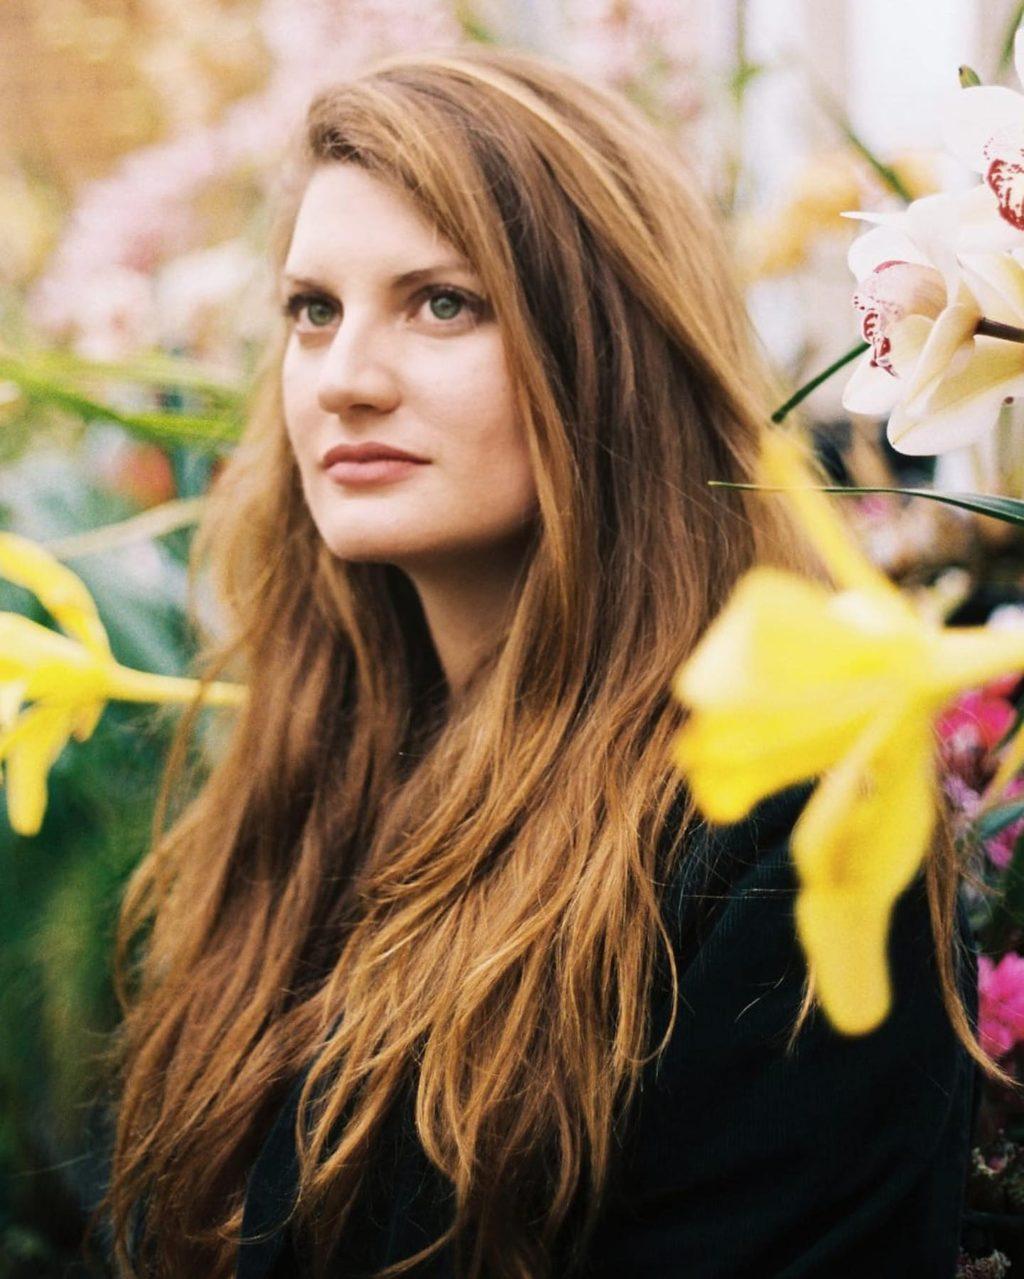 Alice Pomiato